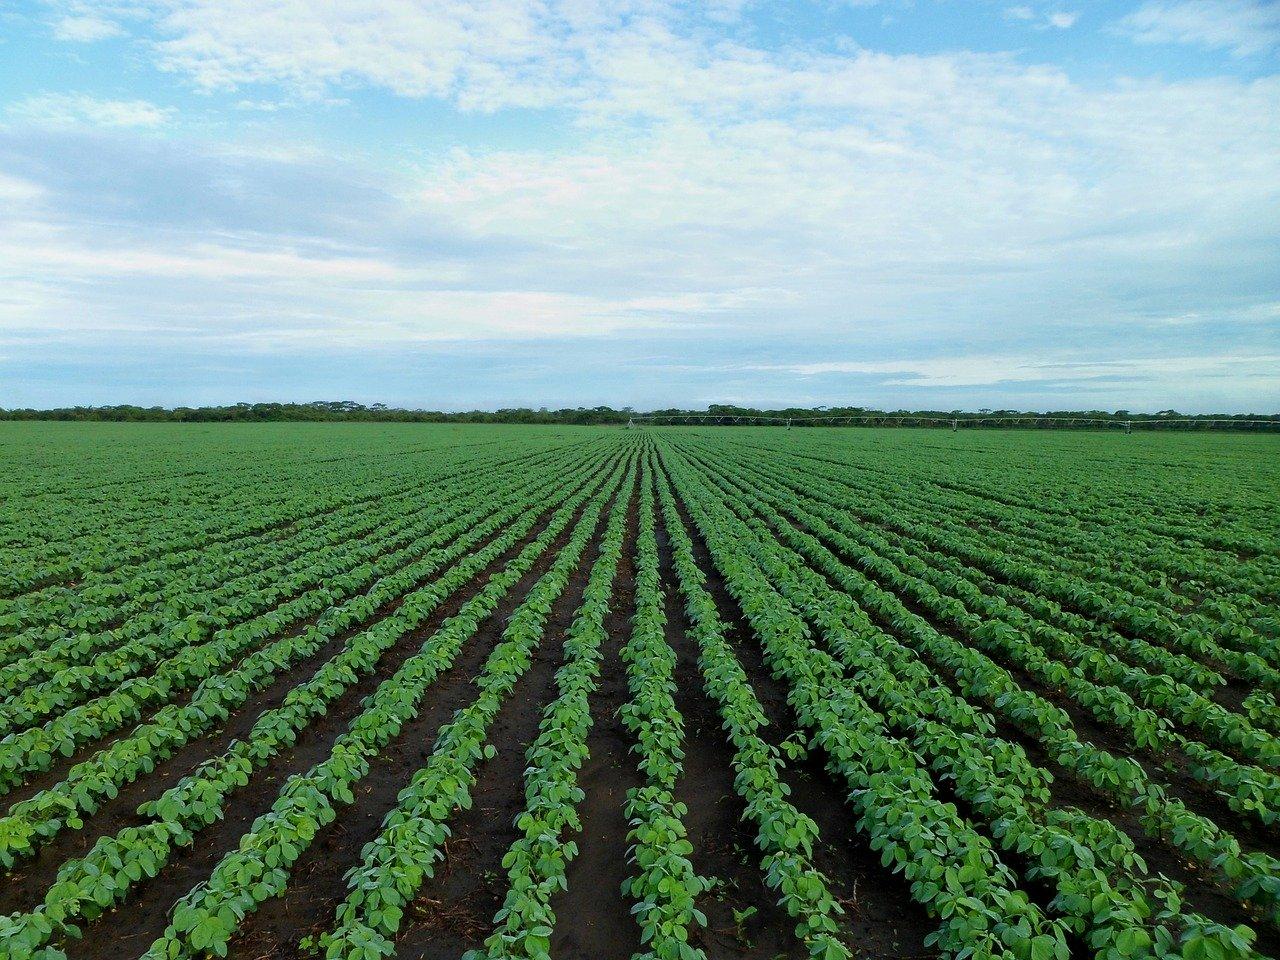 soybean field 1610754 1280